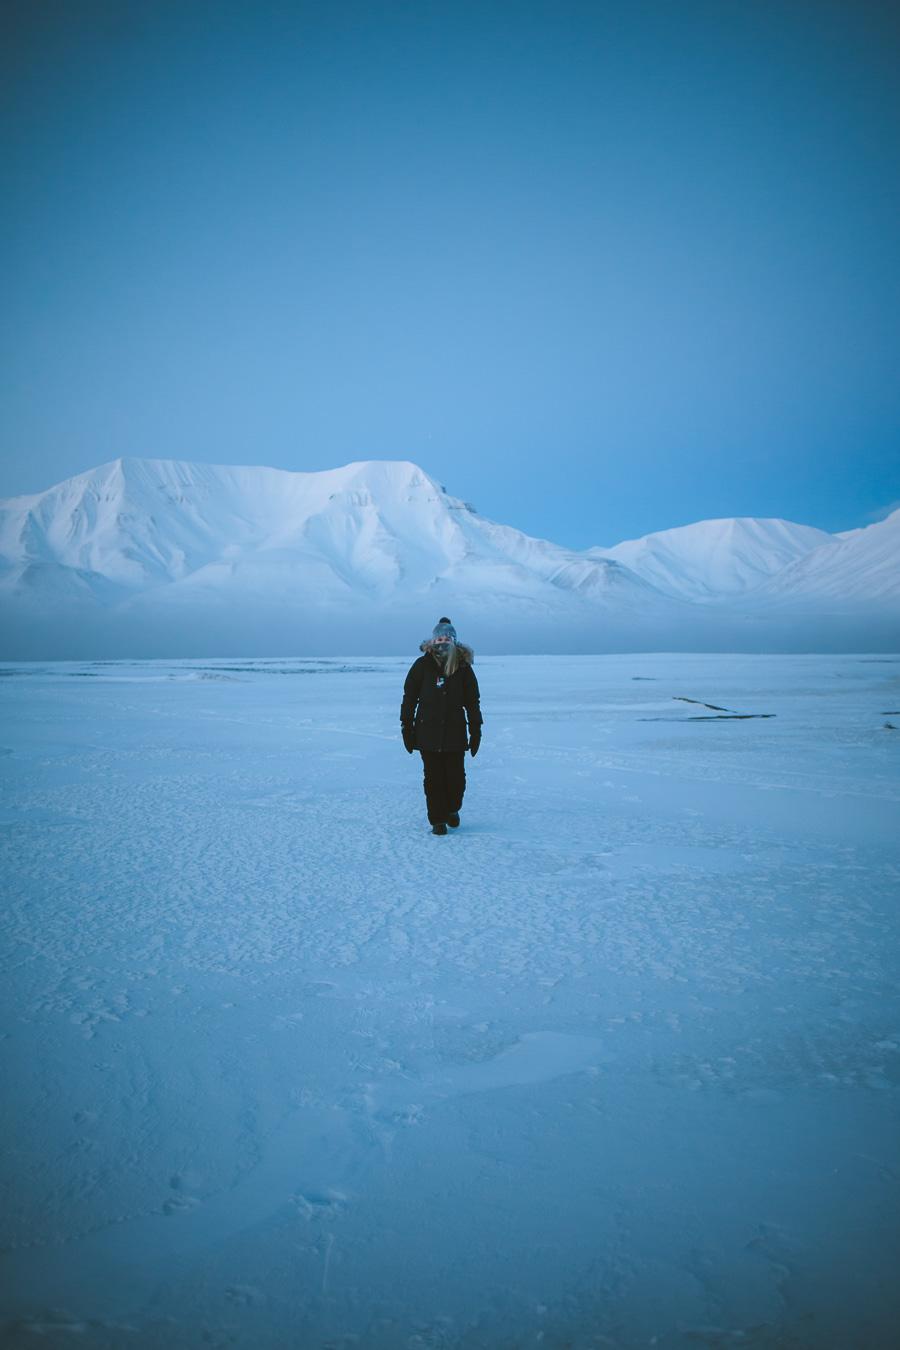 Girl walking on ice